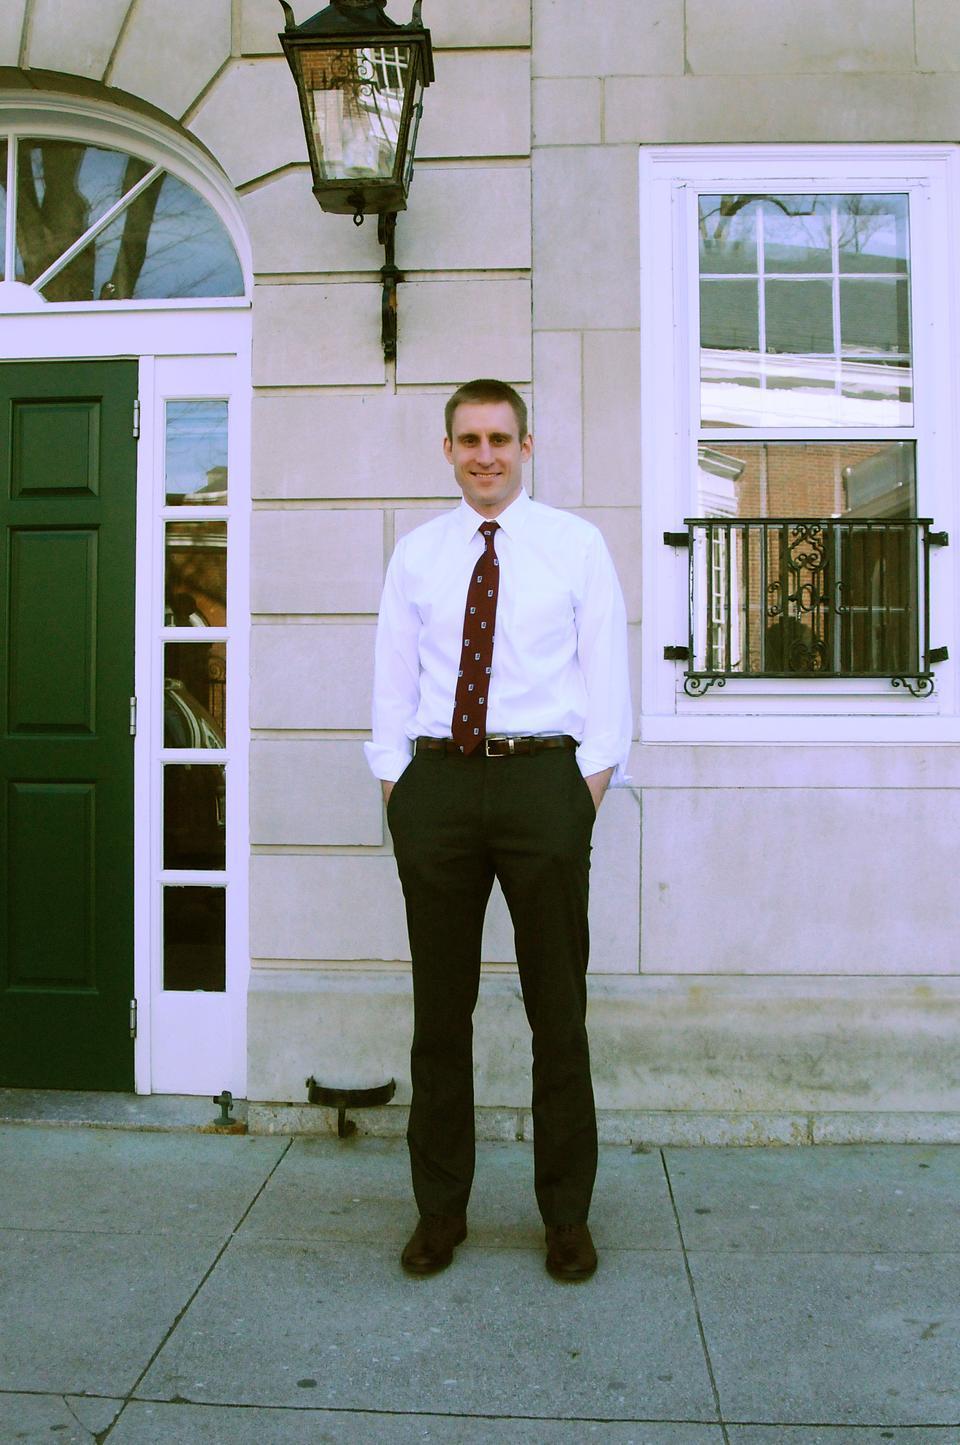 Gregg A. Peeples